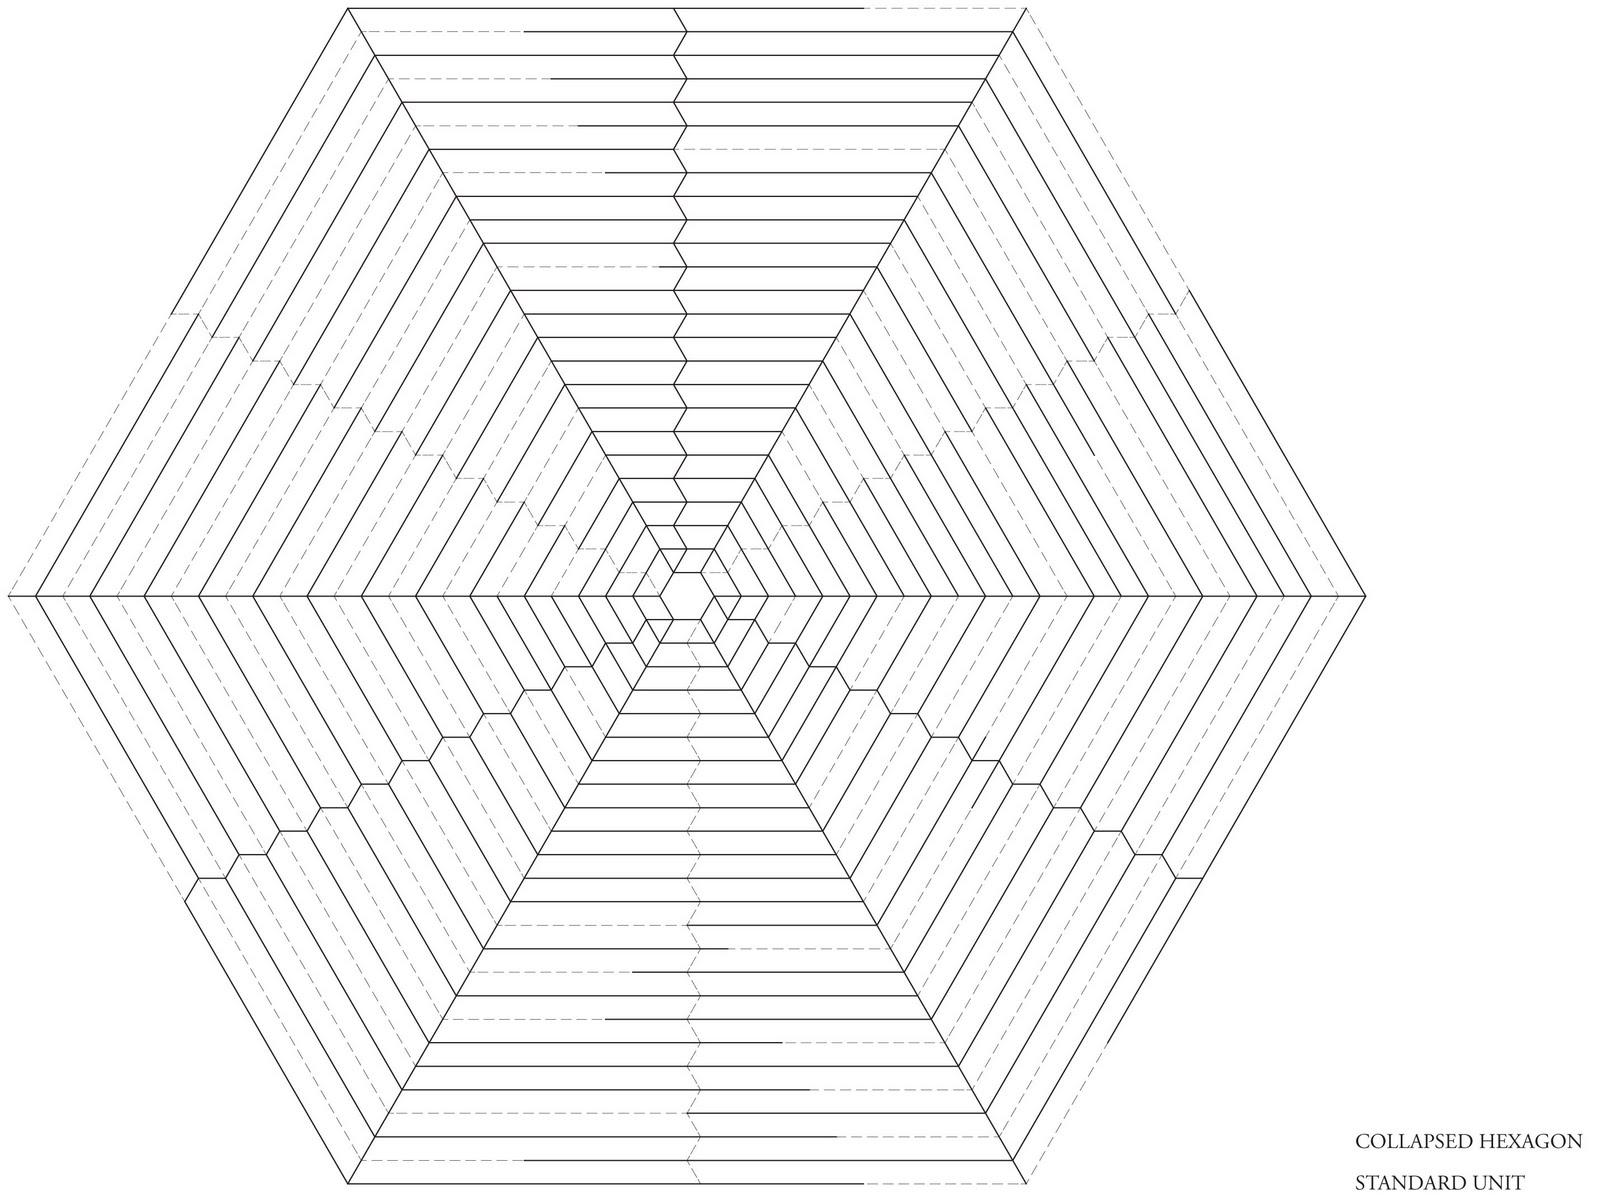 museum of extinct species  collapsible hexagon